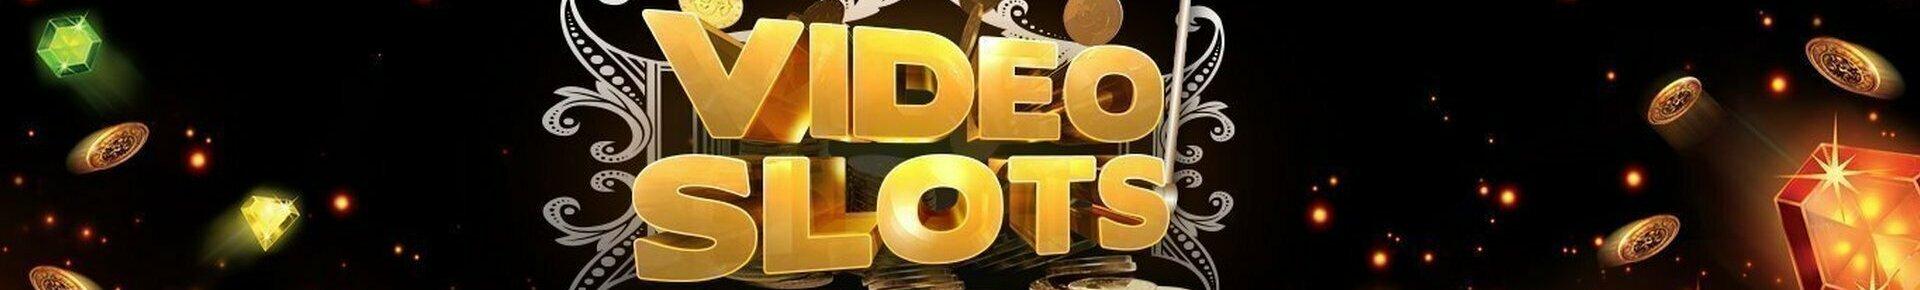 Videoslots.com casino review CA